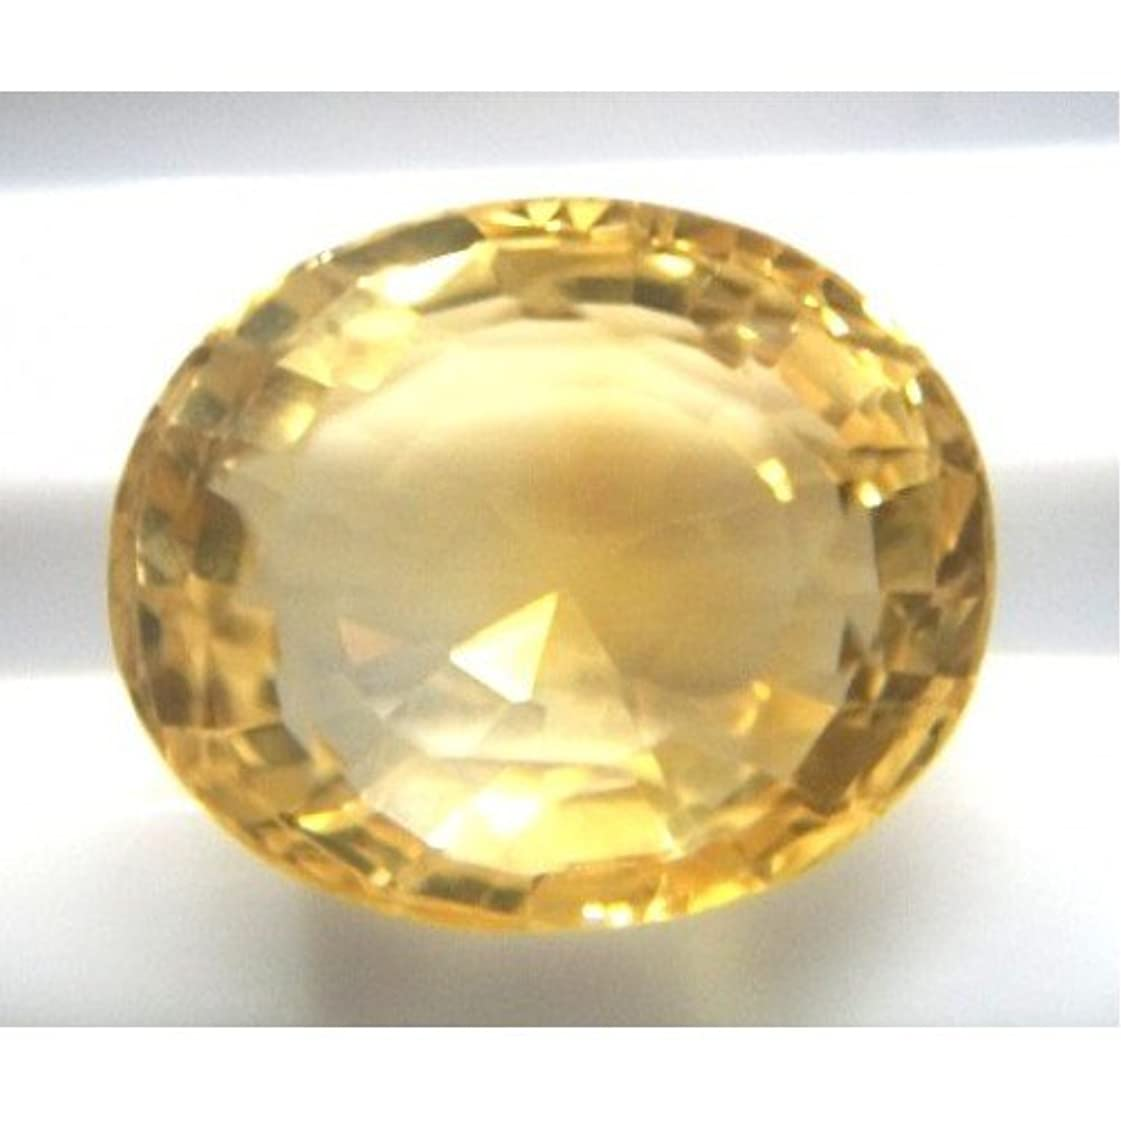 緑遺棄された飛行機sunela石元Certified Natural Citrine Gemstone 13.9 Carat By gemselect